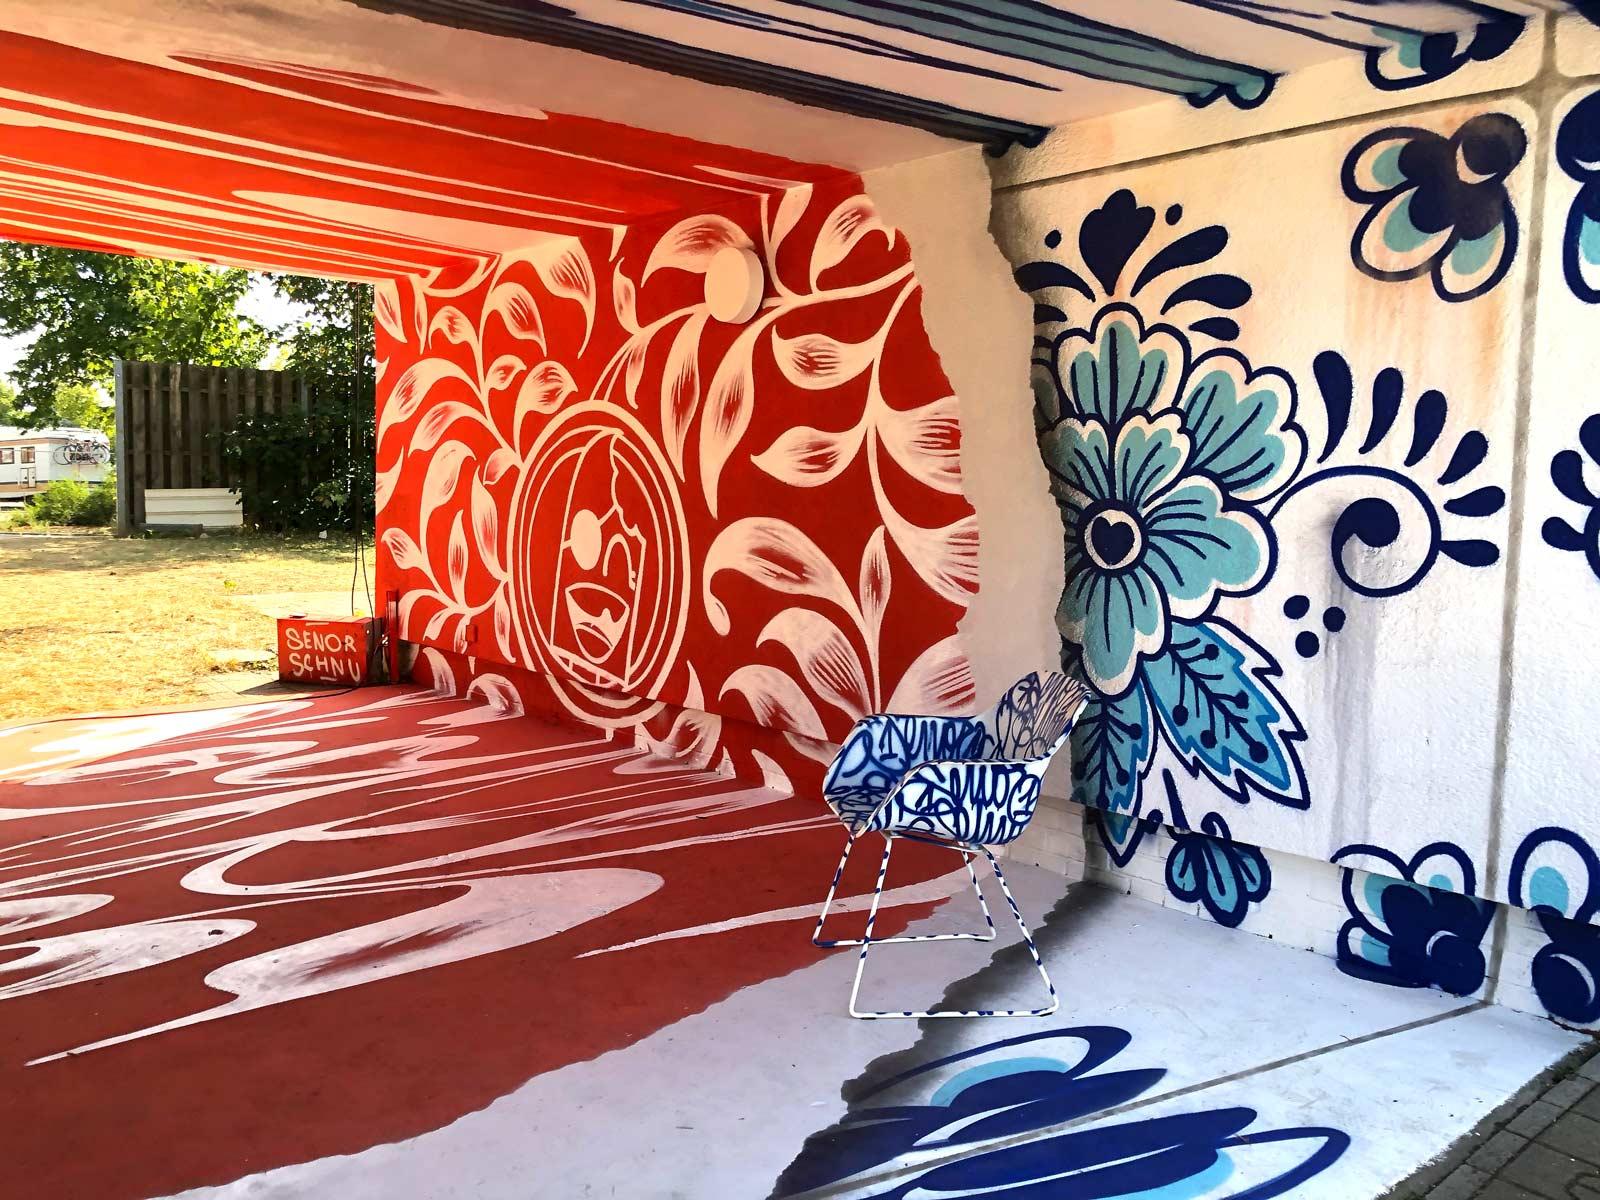 Durchgang mit Kunst an Boden, Wand und Decke